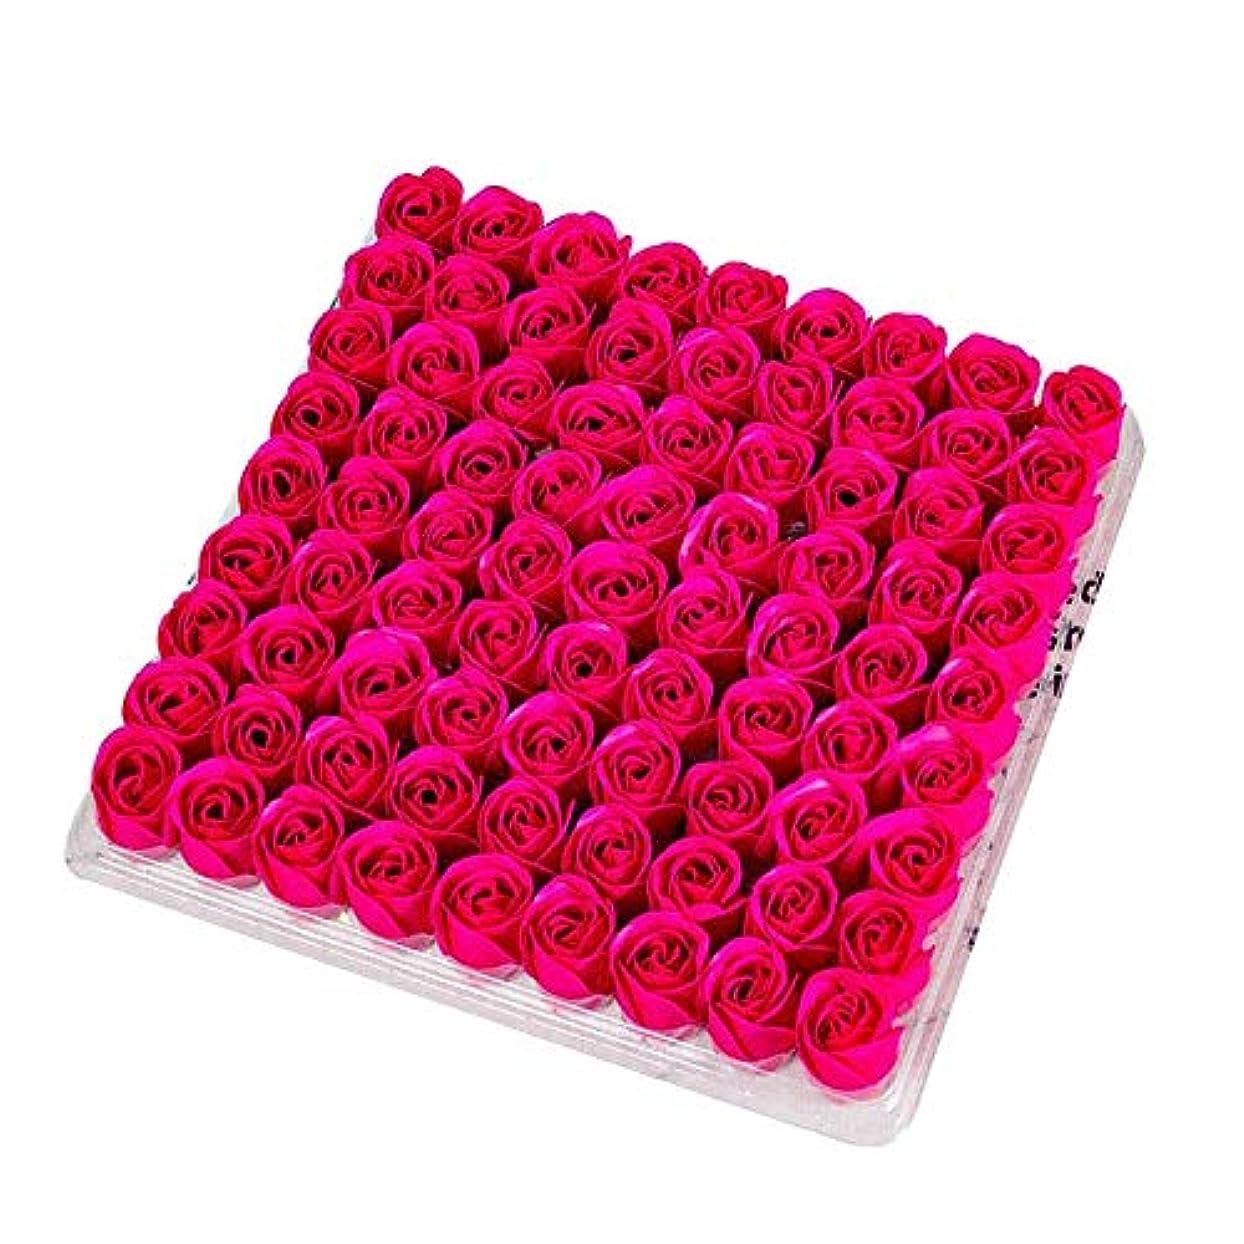 噴出する崇拝する甘美なCUHAWUDBA 81個の薔薇、バス ボディ フラワー?フローラルの石けん 香りのよいローズフラワー エッセンシャルオイル フローラルのお客様への石鹸 ウェディング、パーティー、バレンタインデーの贈り物、薔薇、ローズレッド